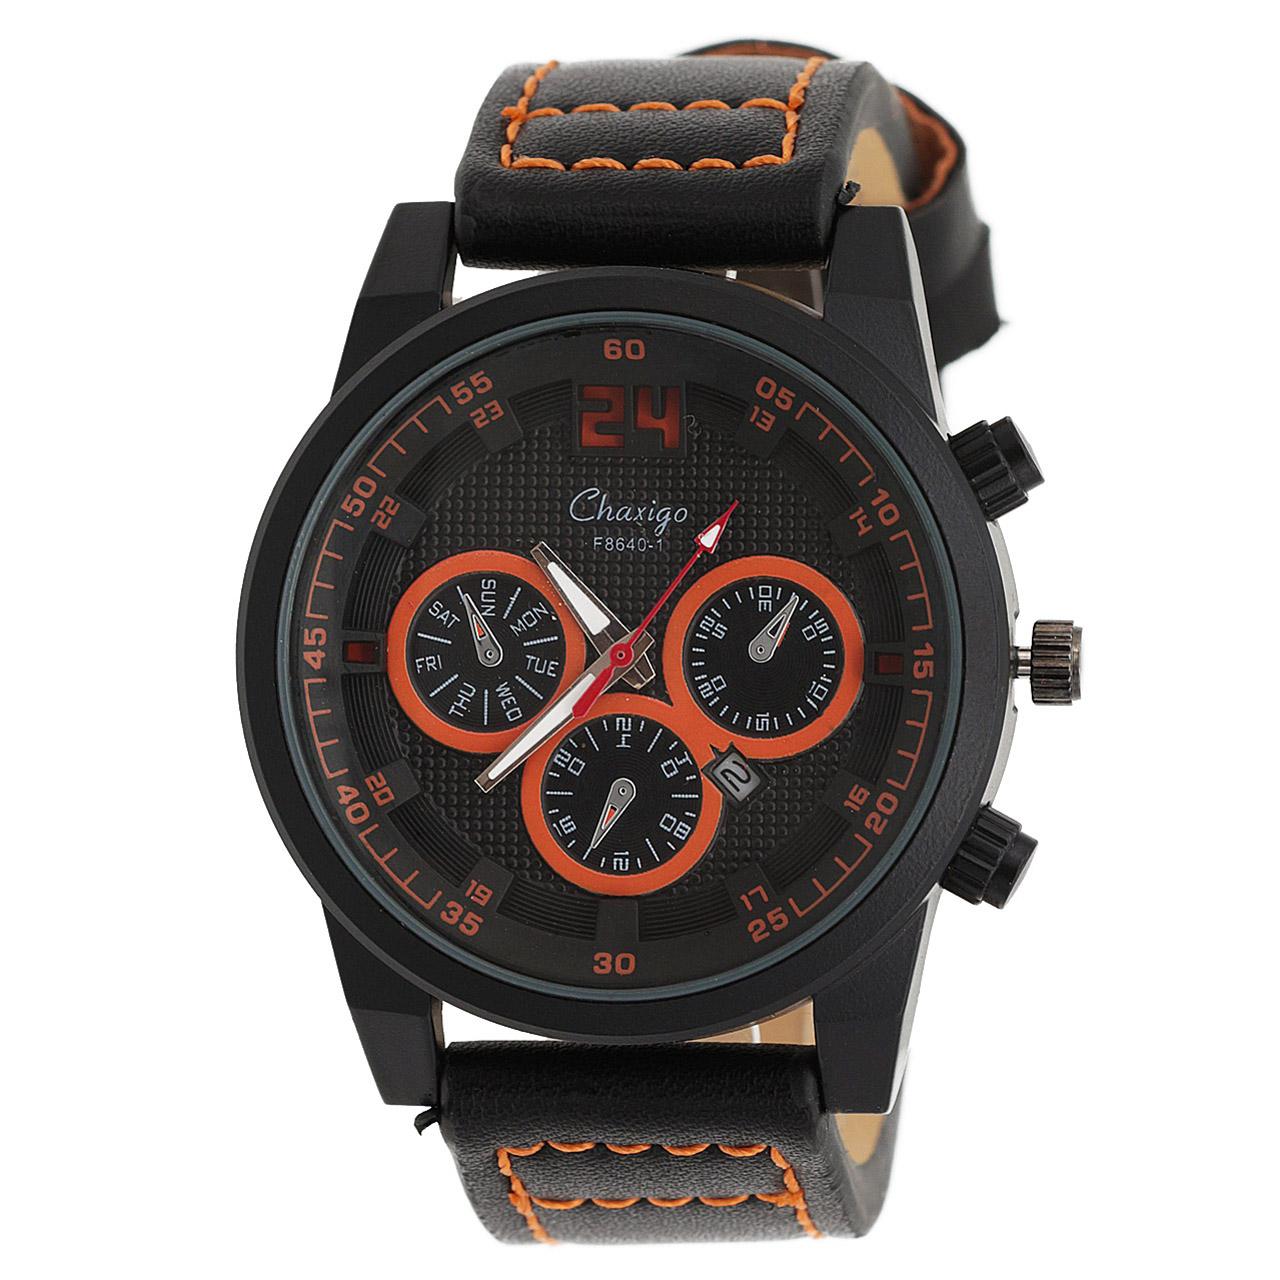 ساعت  چاکسیگو  مدل CH1925